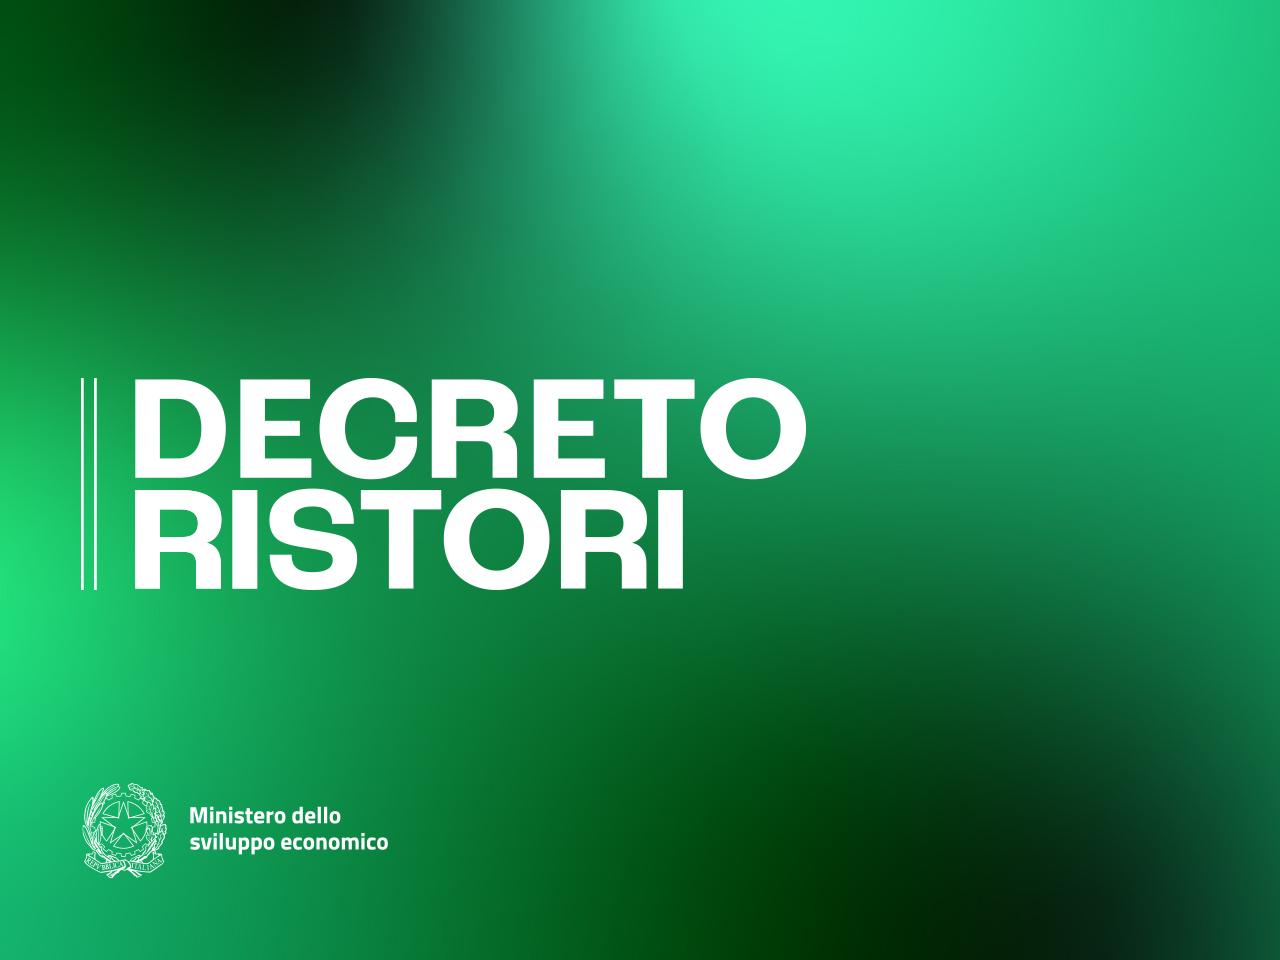 decretoristori new